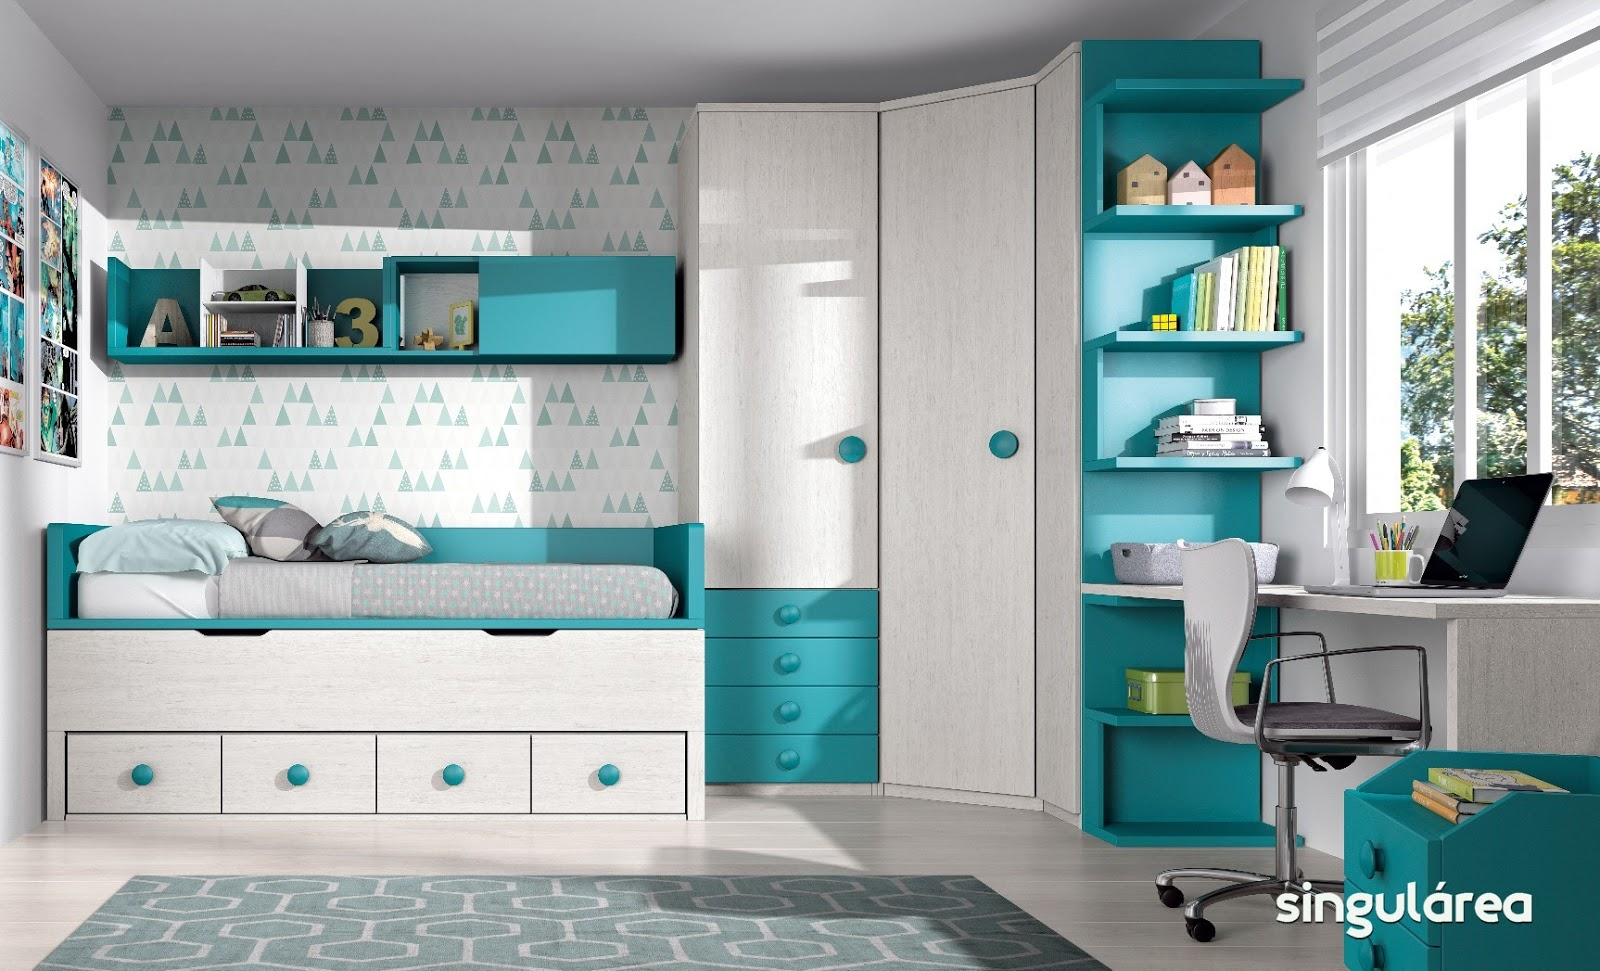 Cuarto juvenil armario rinc n 2202 - Dormitorios dobles juveniles ...